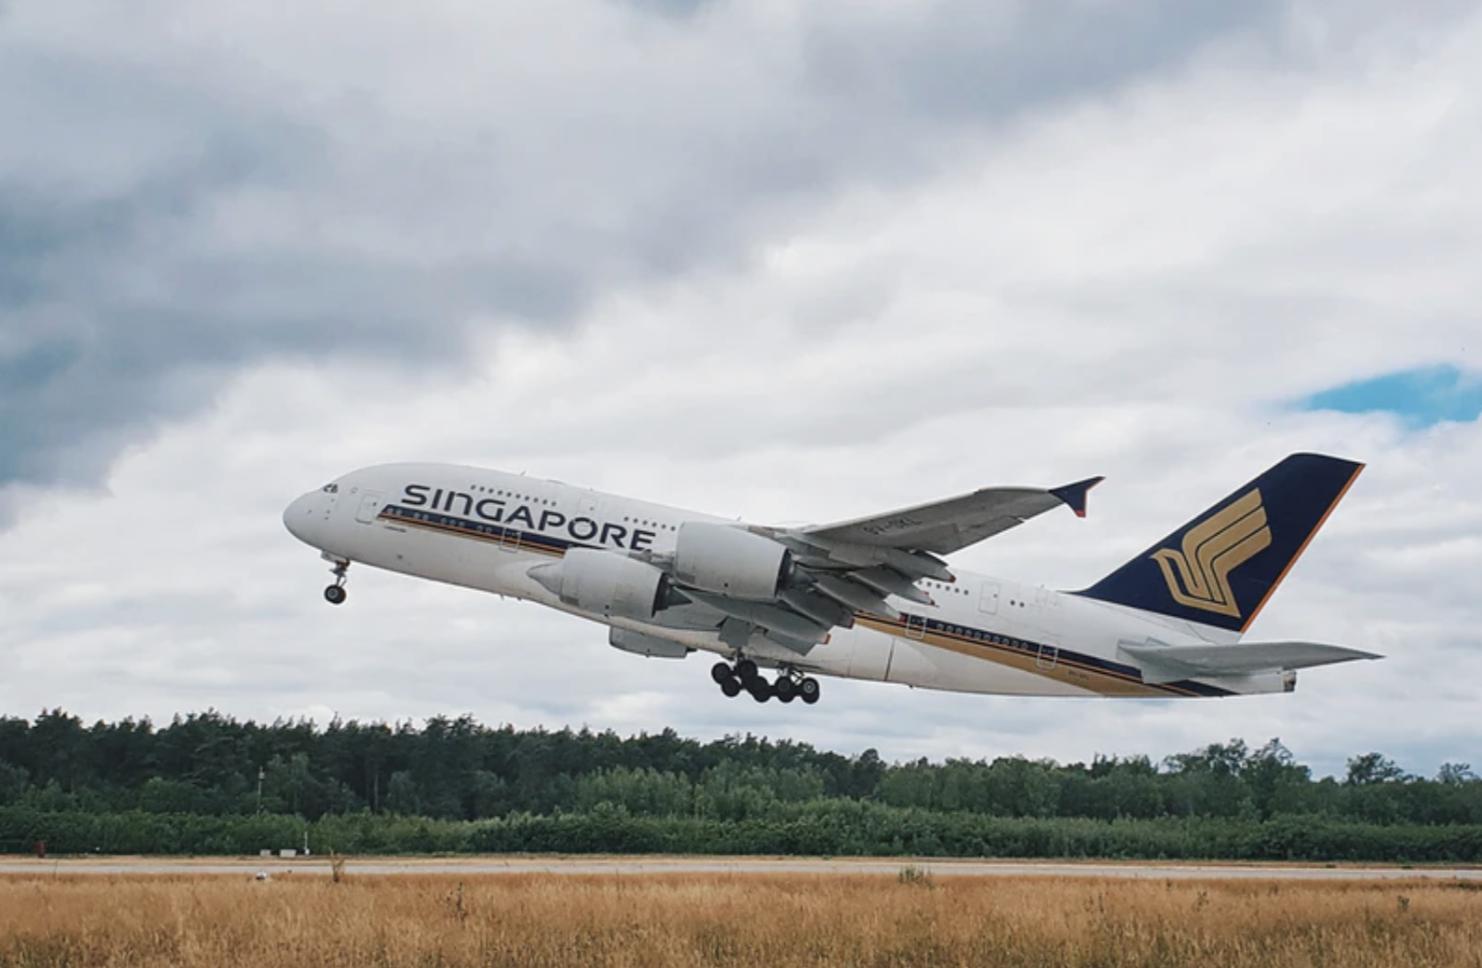 Singapore Airlines plane taking off. Photo courtesy: unsplash